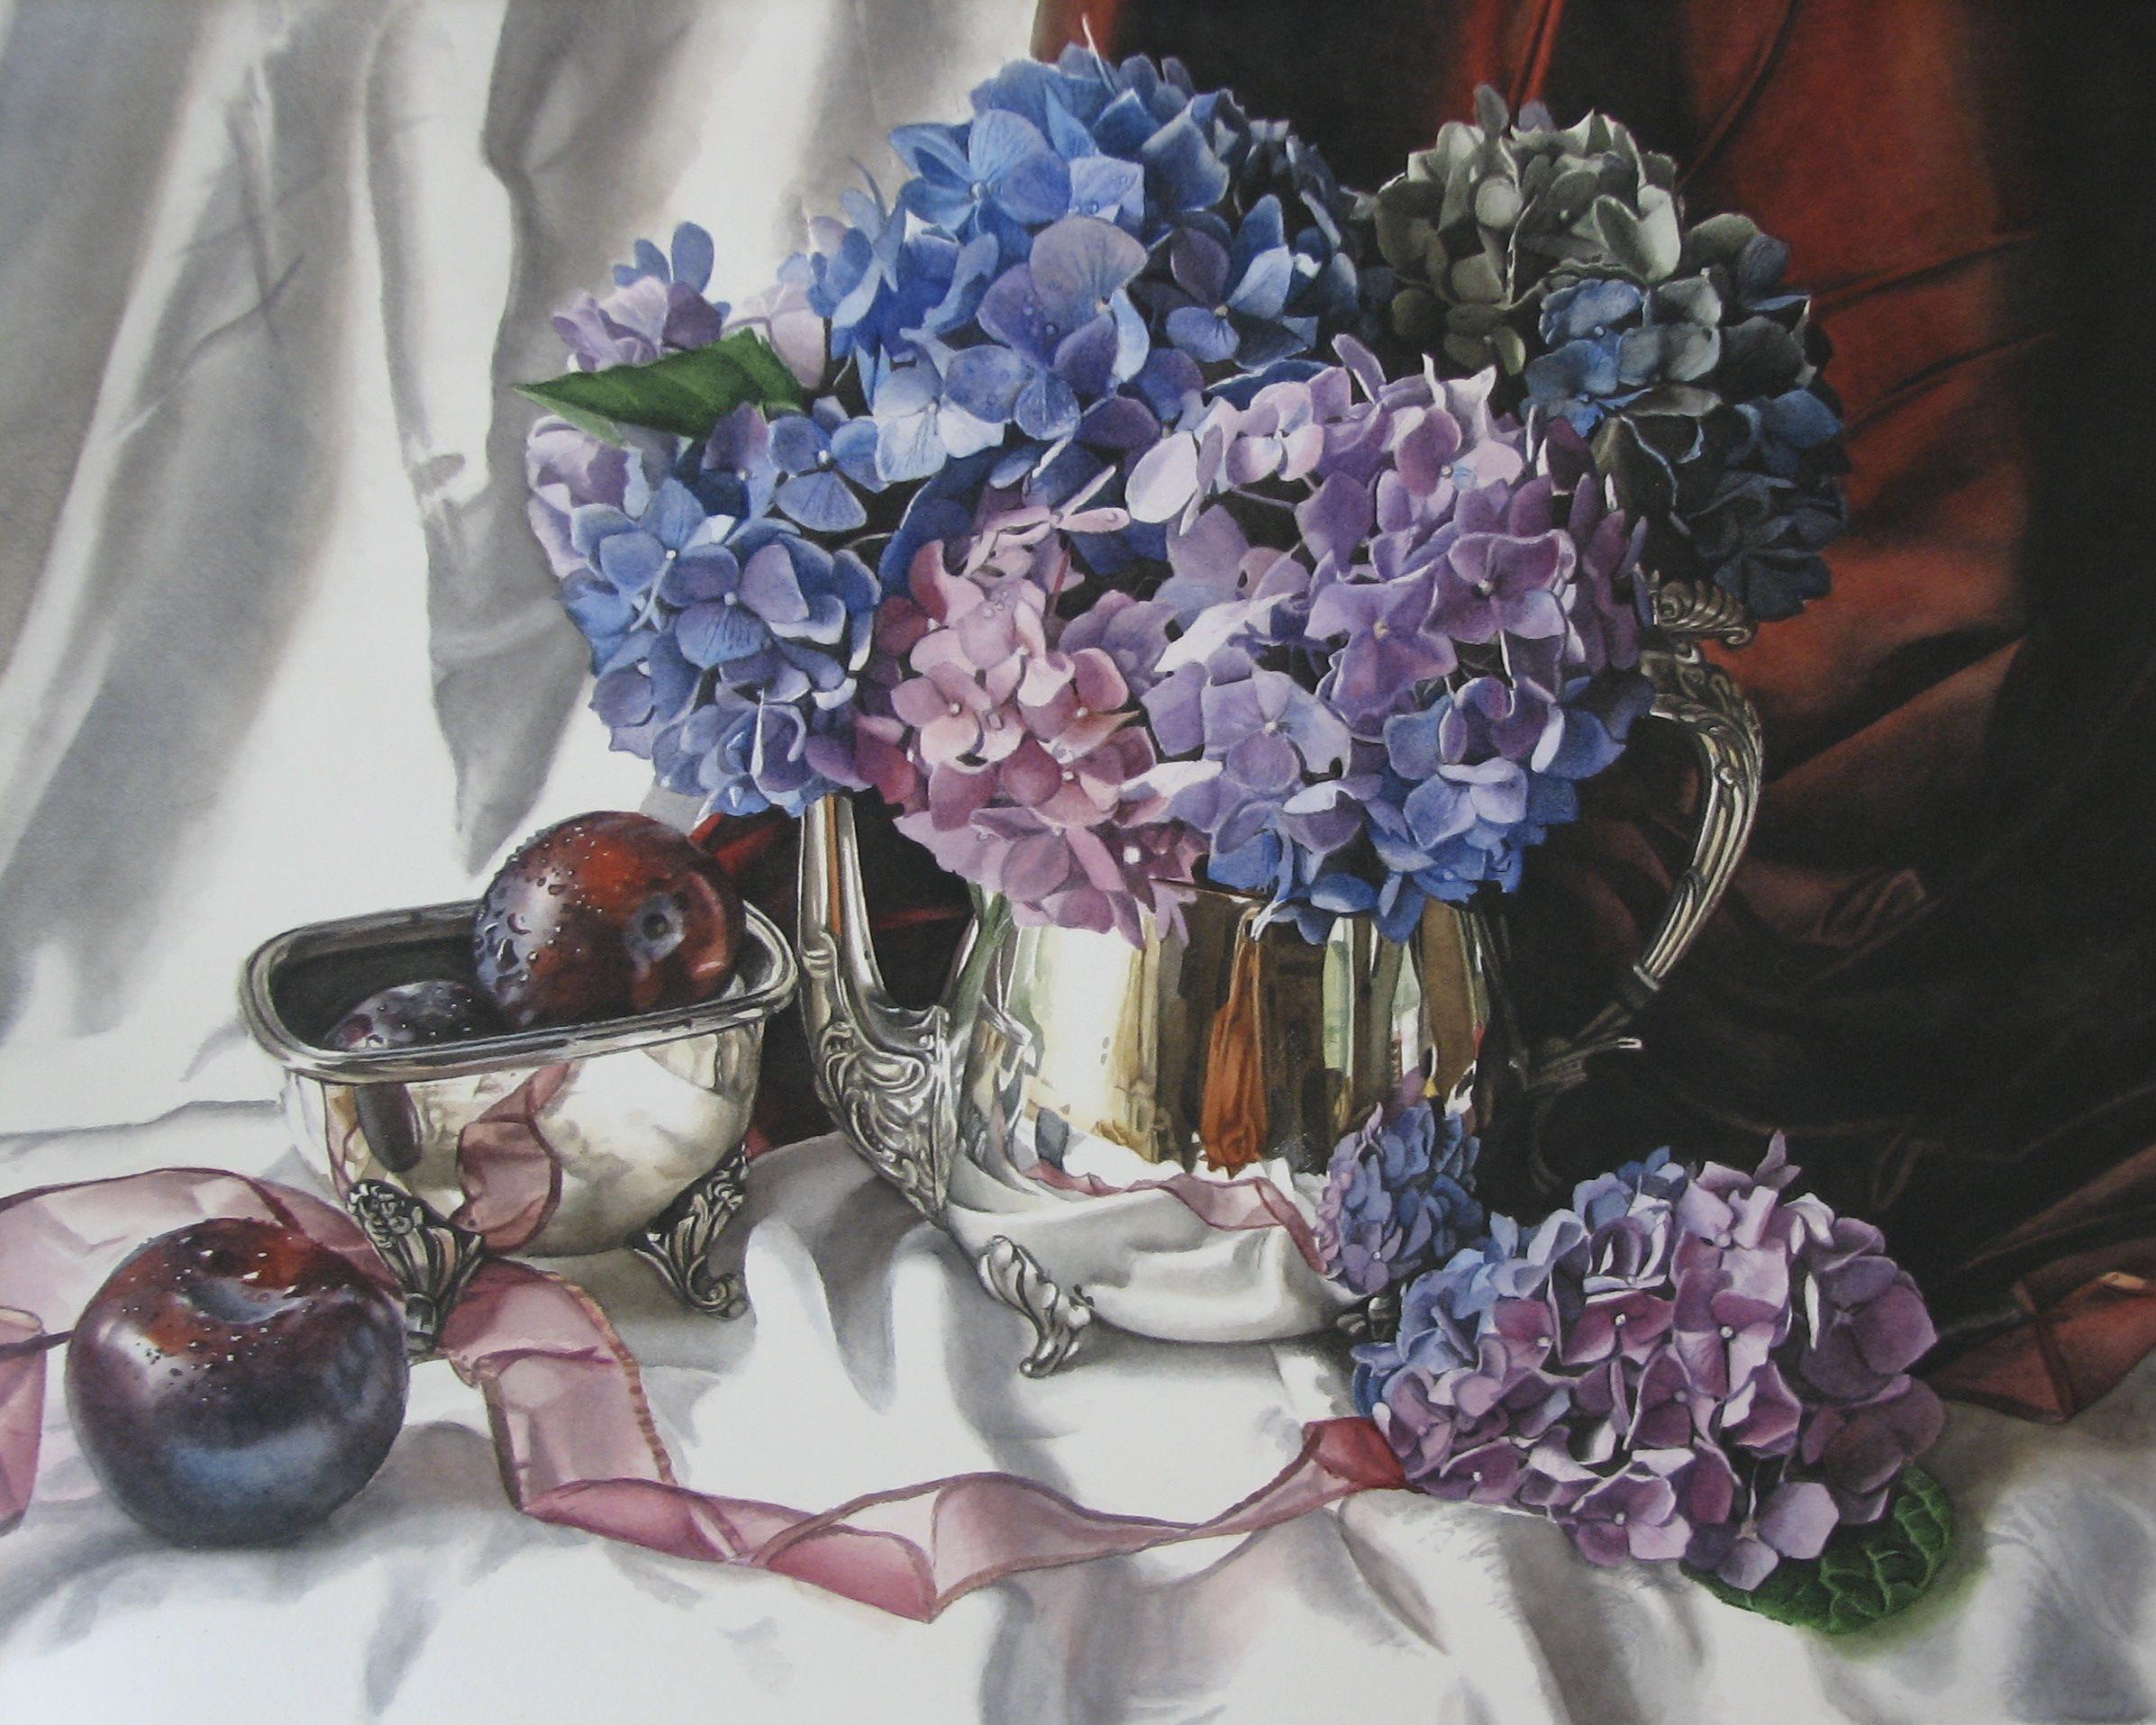 PurpleHydrageas&Plums_18x24_watercolor_2010.jpg